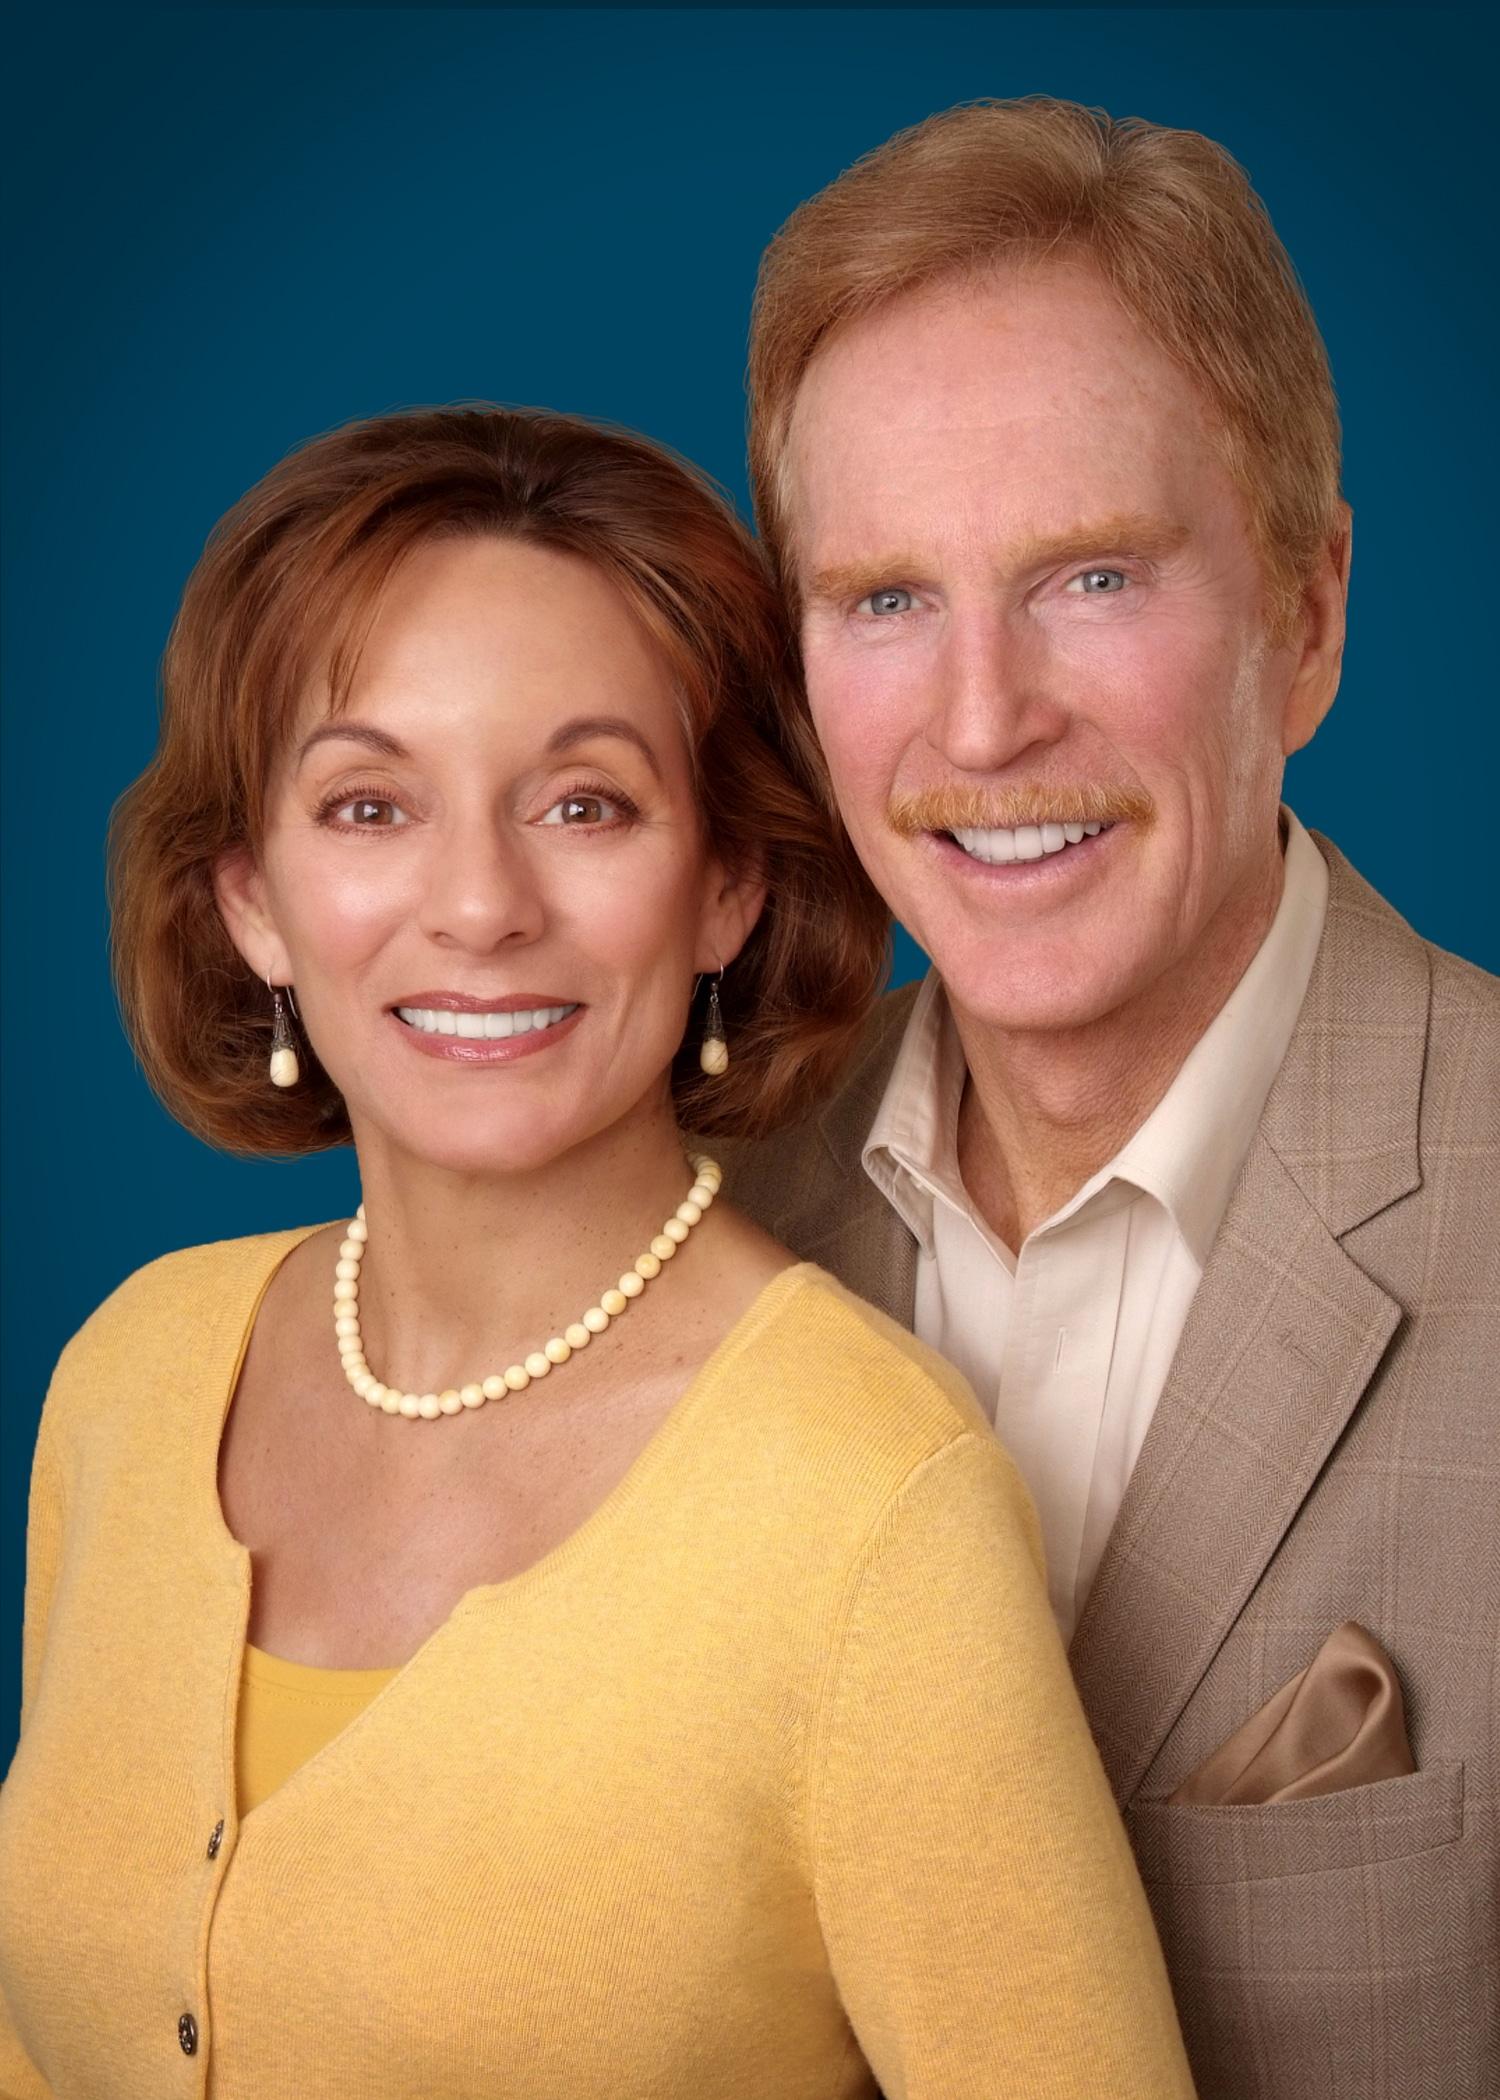 Michael & Bonnie Professional (1500px X 2100px)